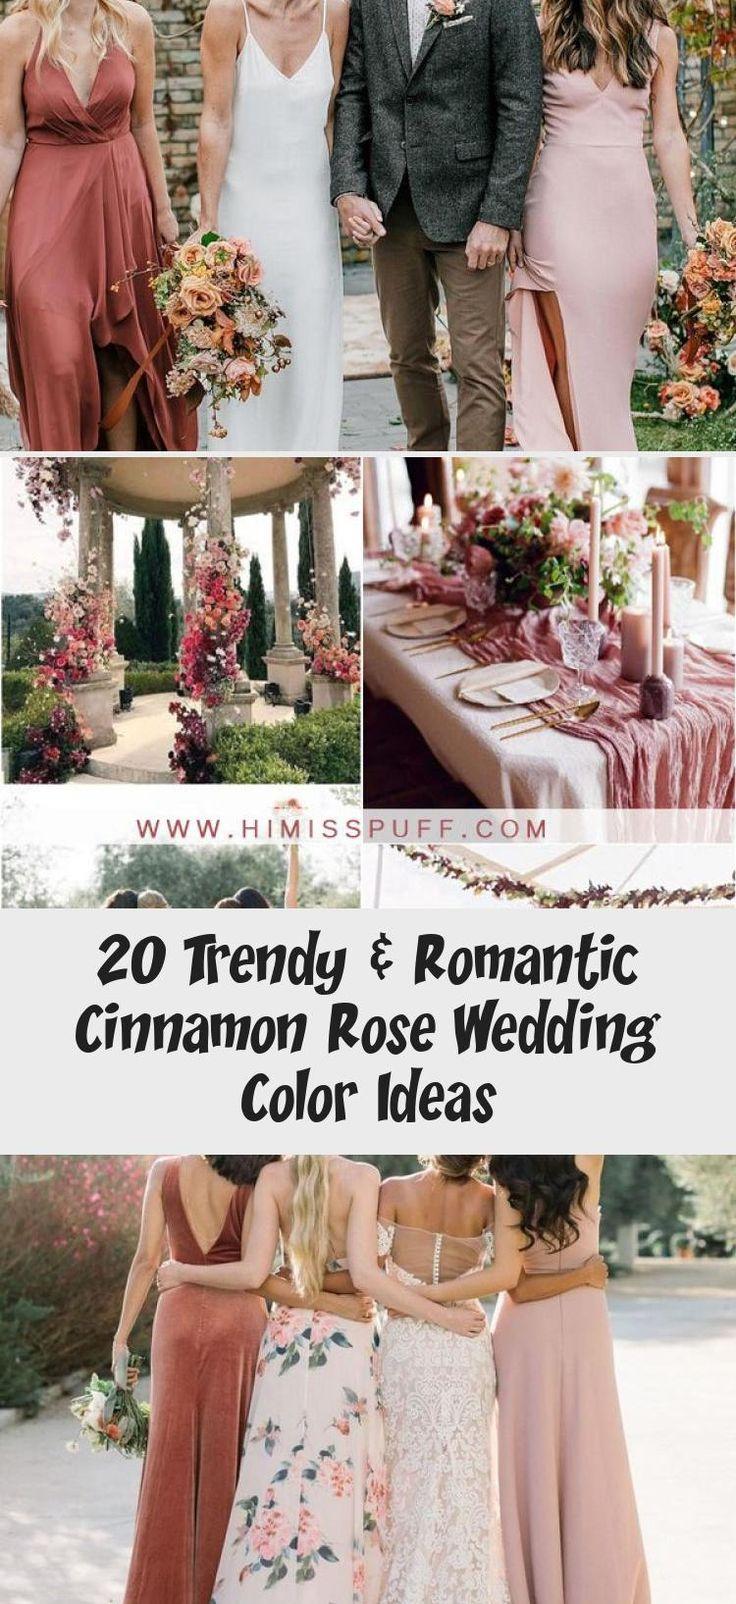 cinnamon rose dusty rose bridesmaid dresses #wedding #weddings #weddingideas #weddingcolors #weddinginspiration #himisspuff